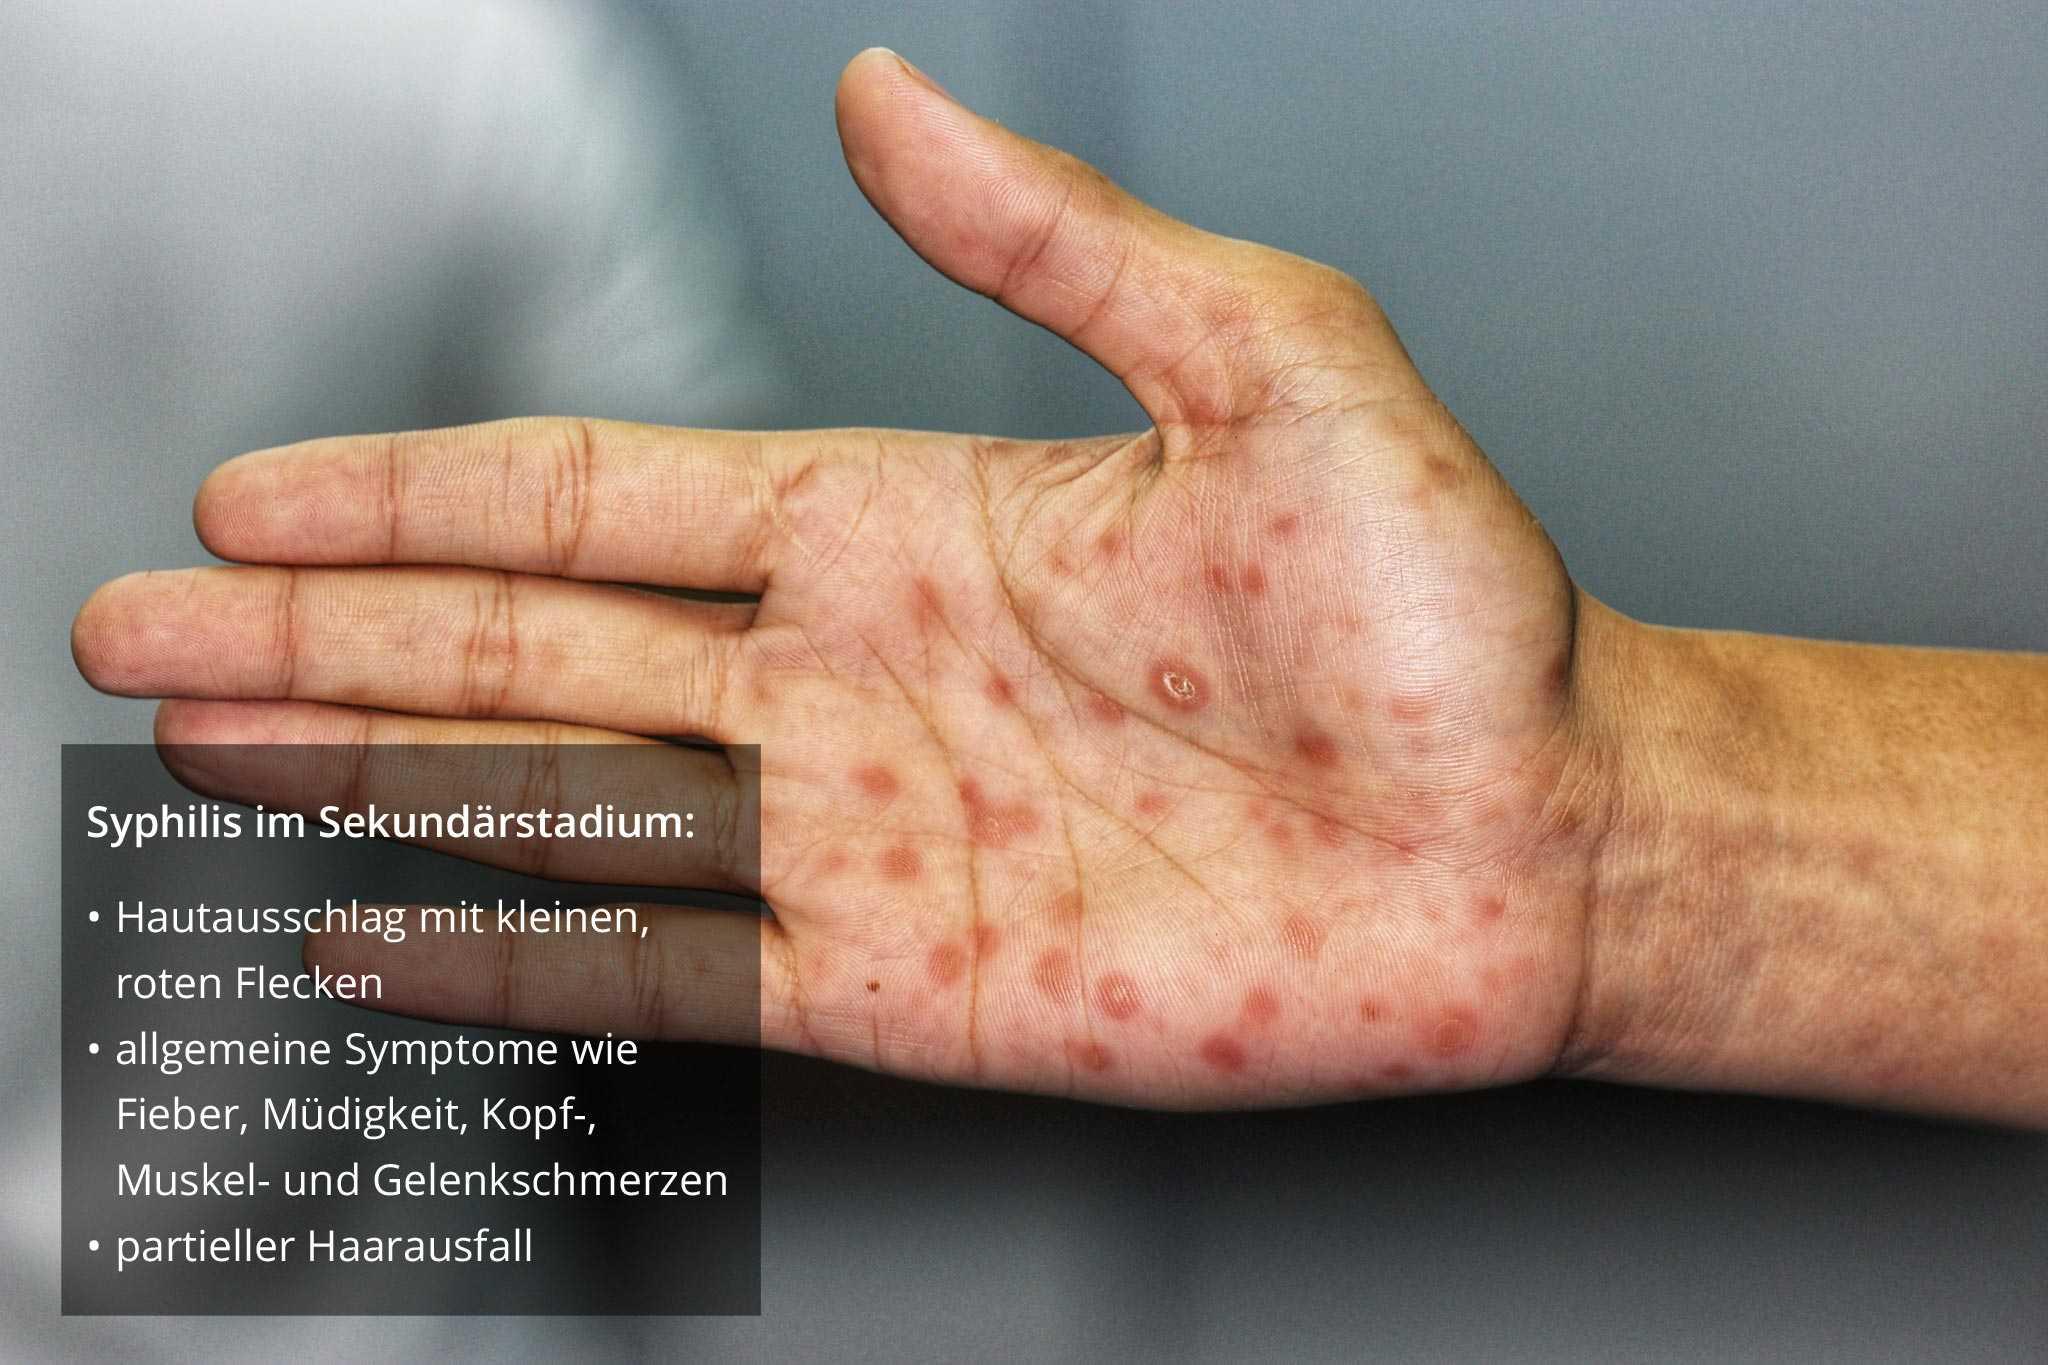 Ausschlag hiv HIV 발진